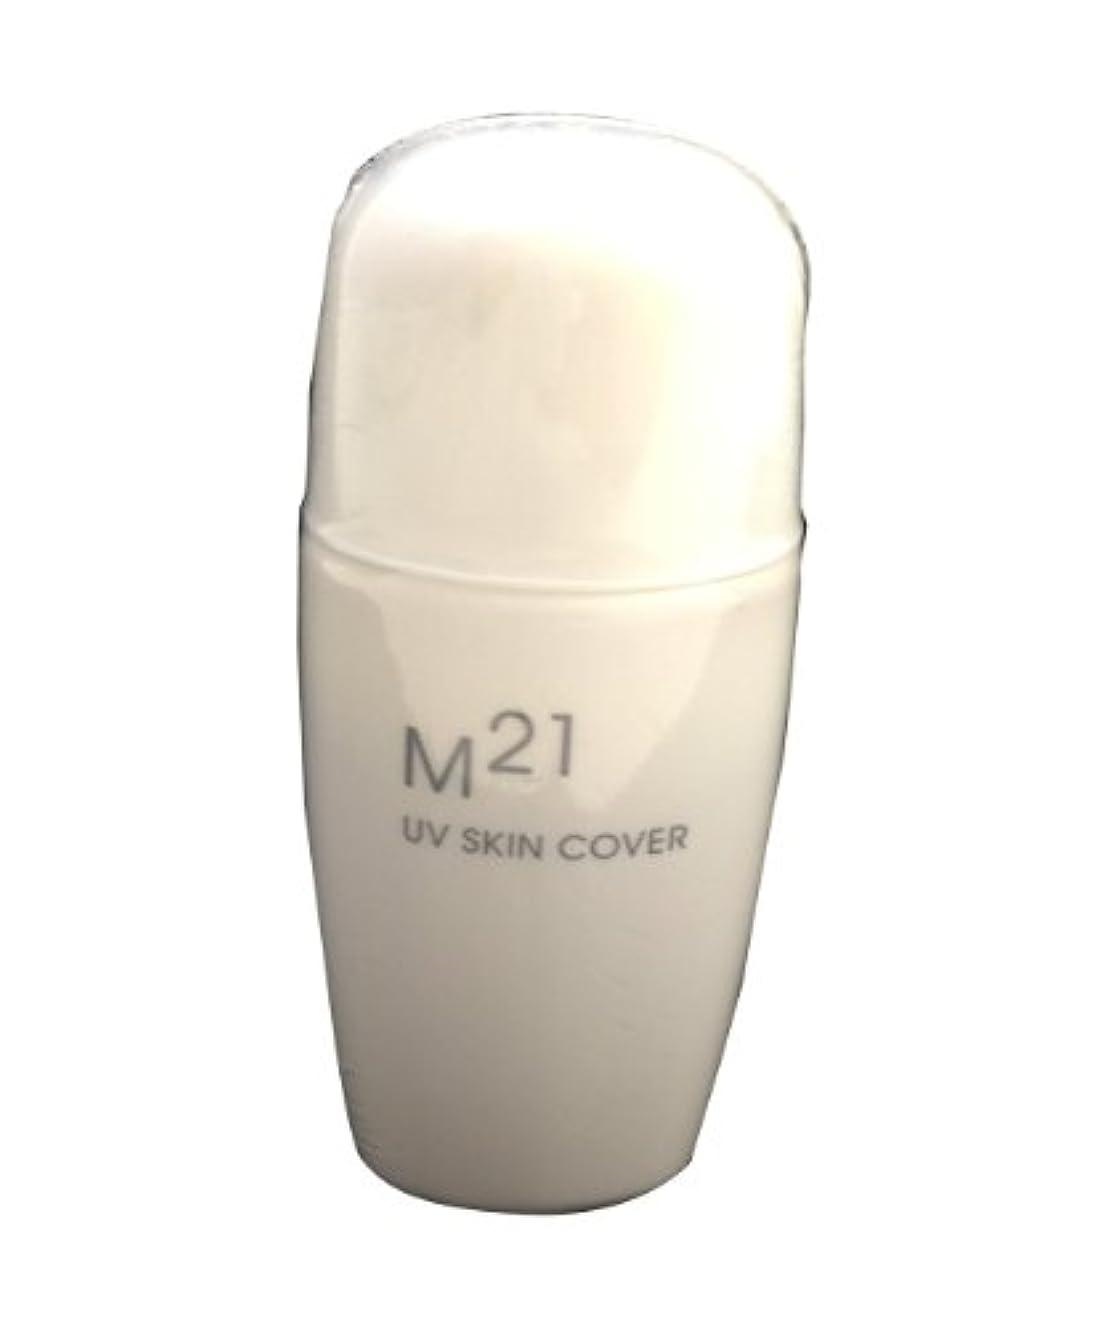 かろうじてペンダントファイアルM21UVスキンカバー 自然化粧品M21